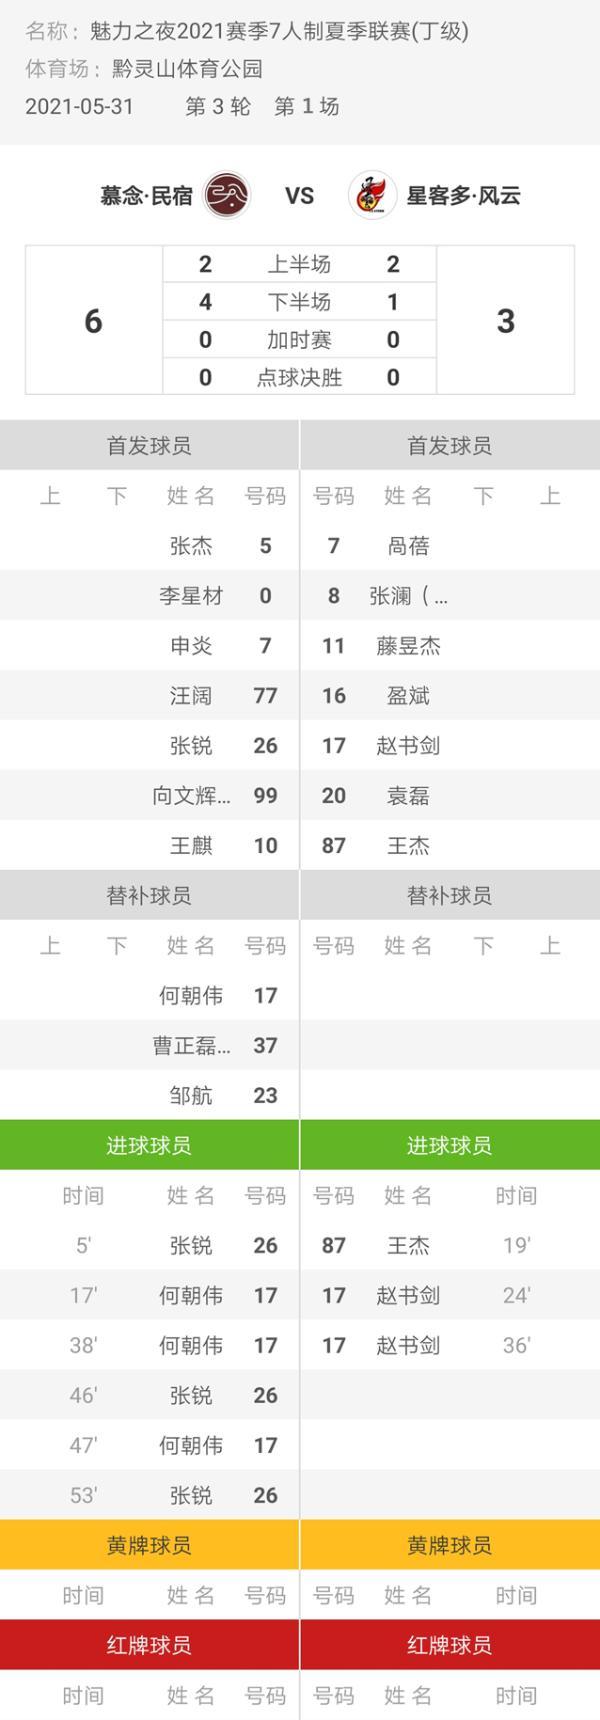 魅力之夜2021赛季7人制足球夏季联赛 慕念·民宿6-3风云